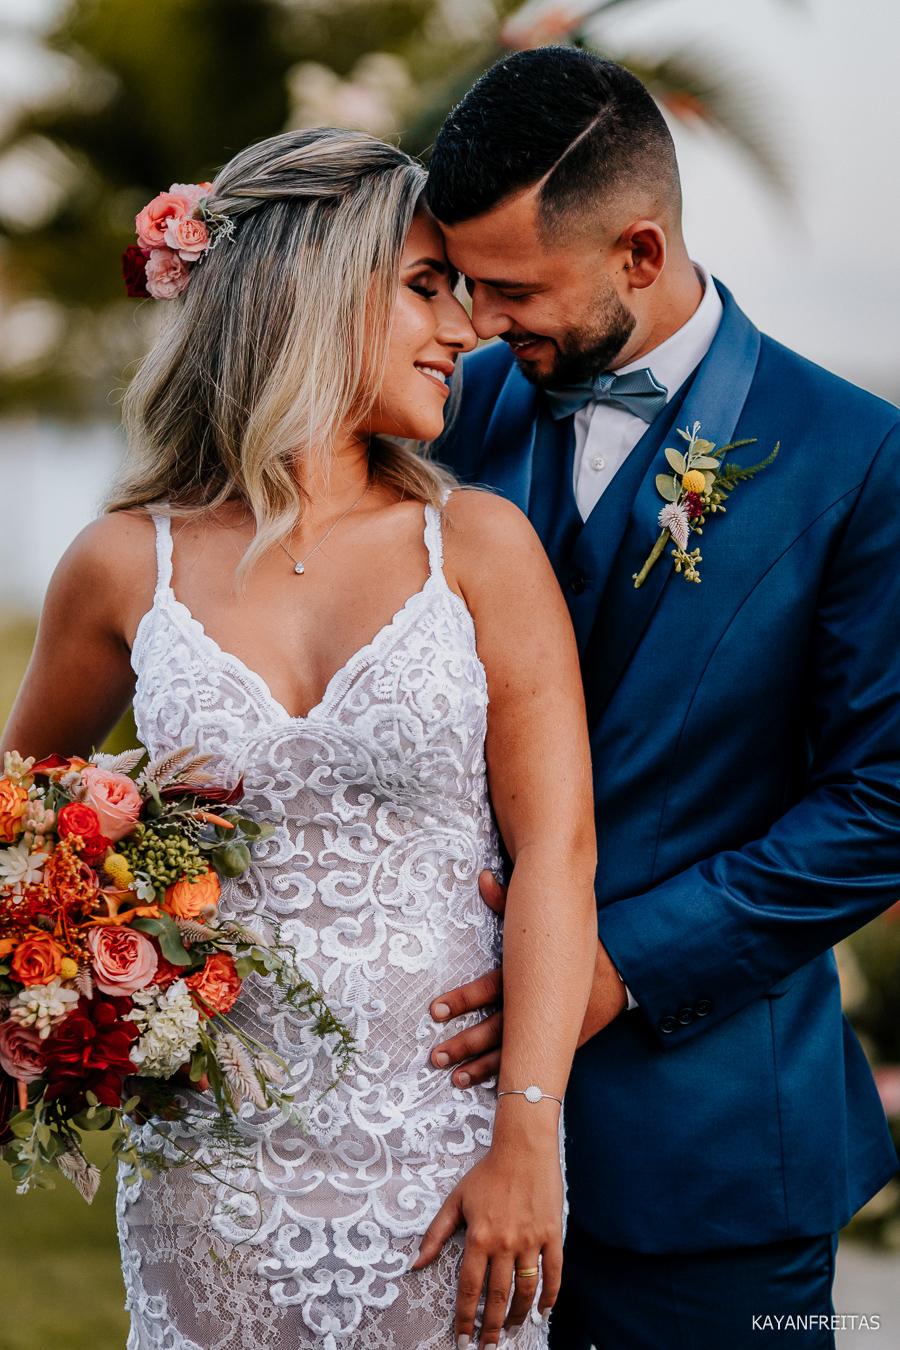 casamentodedia-lic-floripa-0103 Casamento de dia em Florianópolis - Pri e Guto